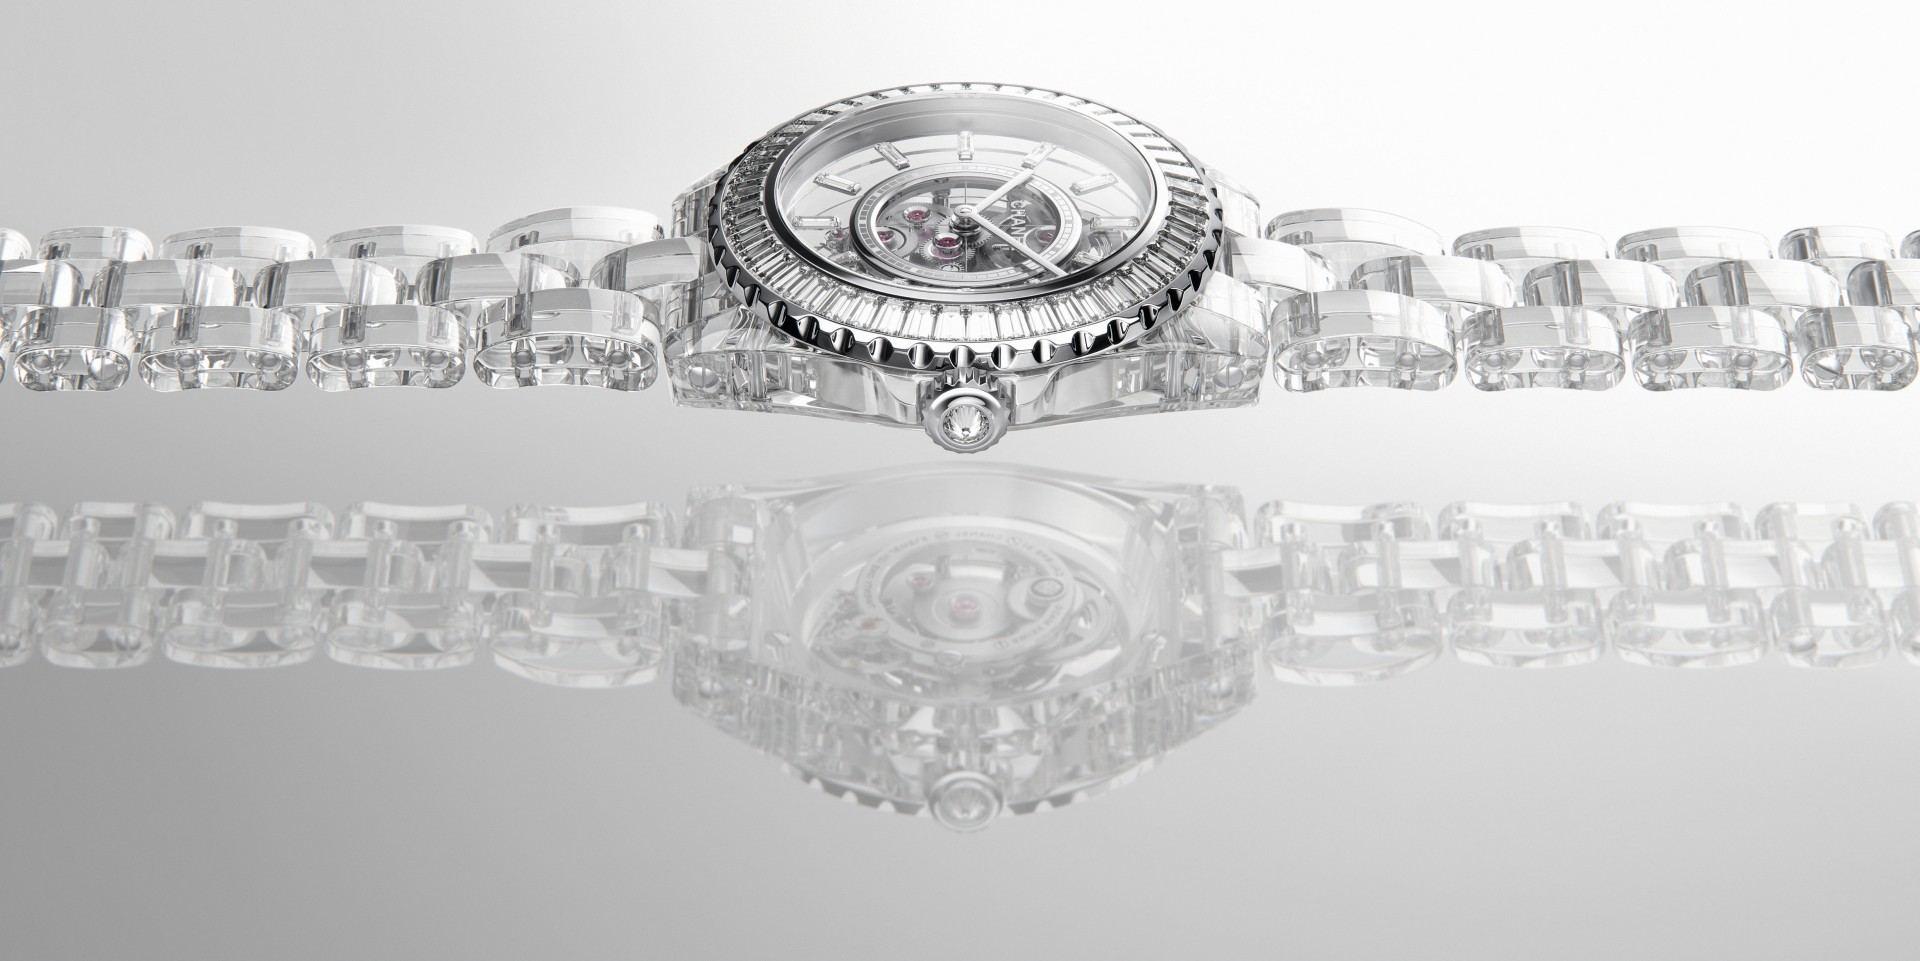 【2020線上錶展】前所未有的穿透感:CHANEL 全新 J12 X-RAY 腕錶